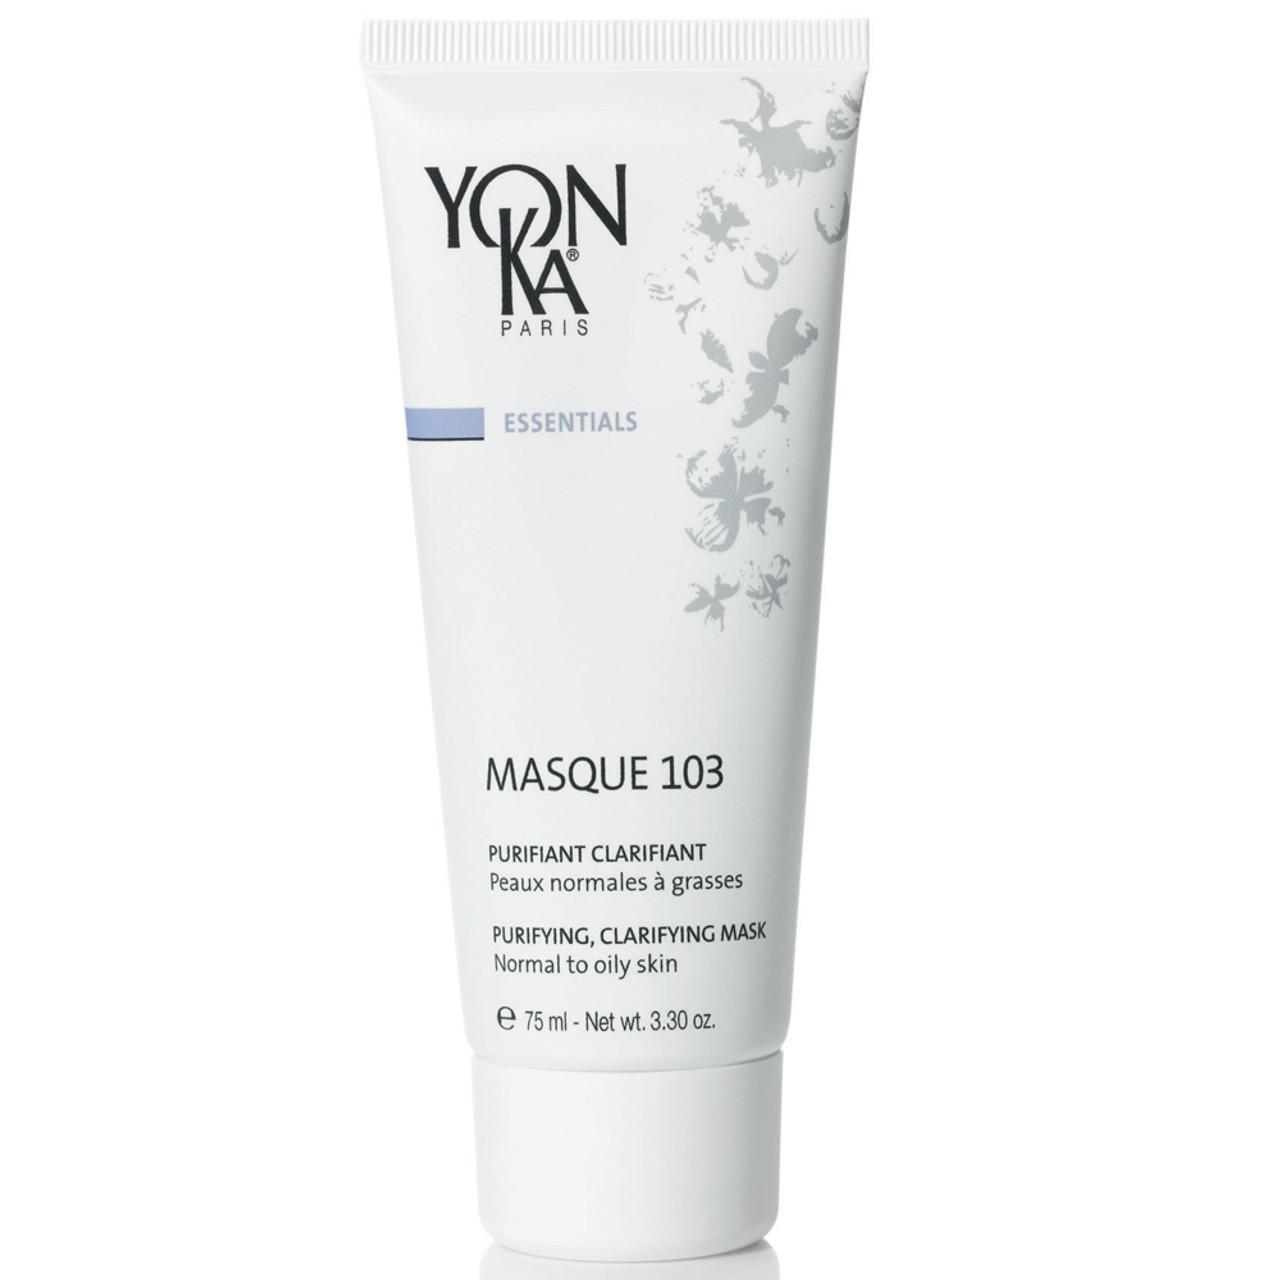 YonKa Masque 103 Purifying Clarifying Masque BeautifiedYou.com